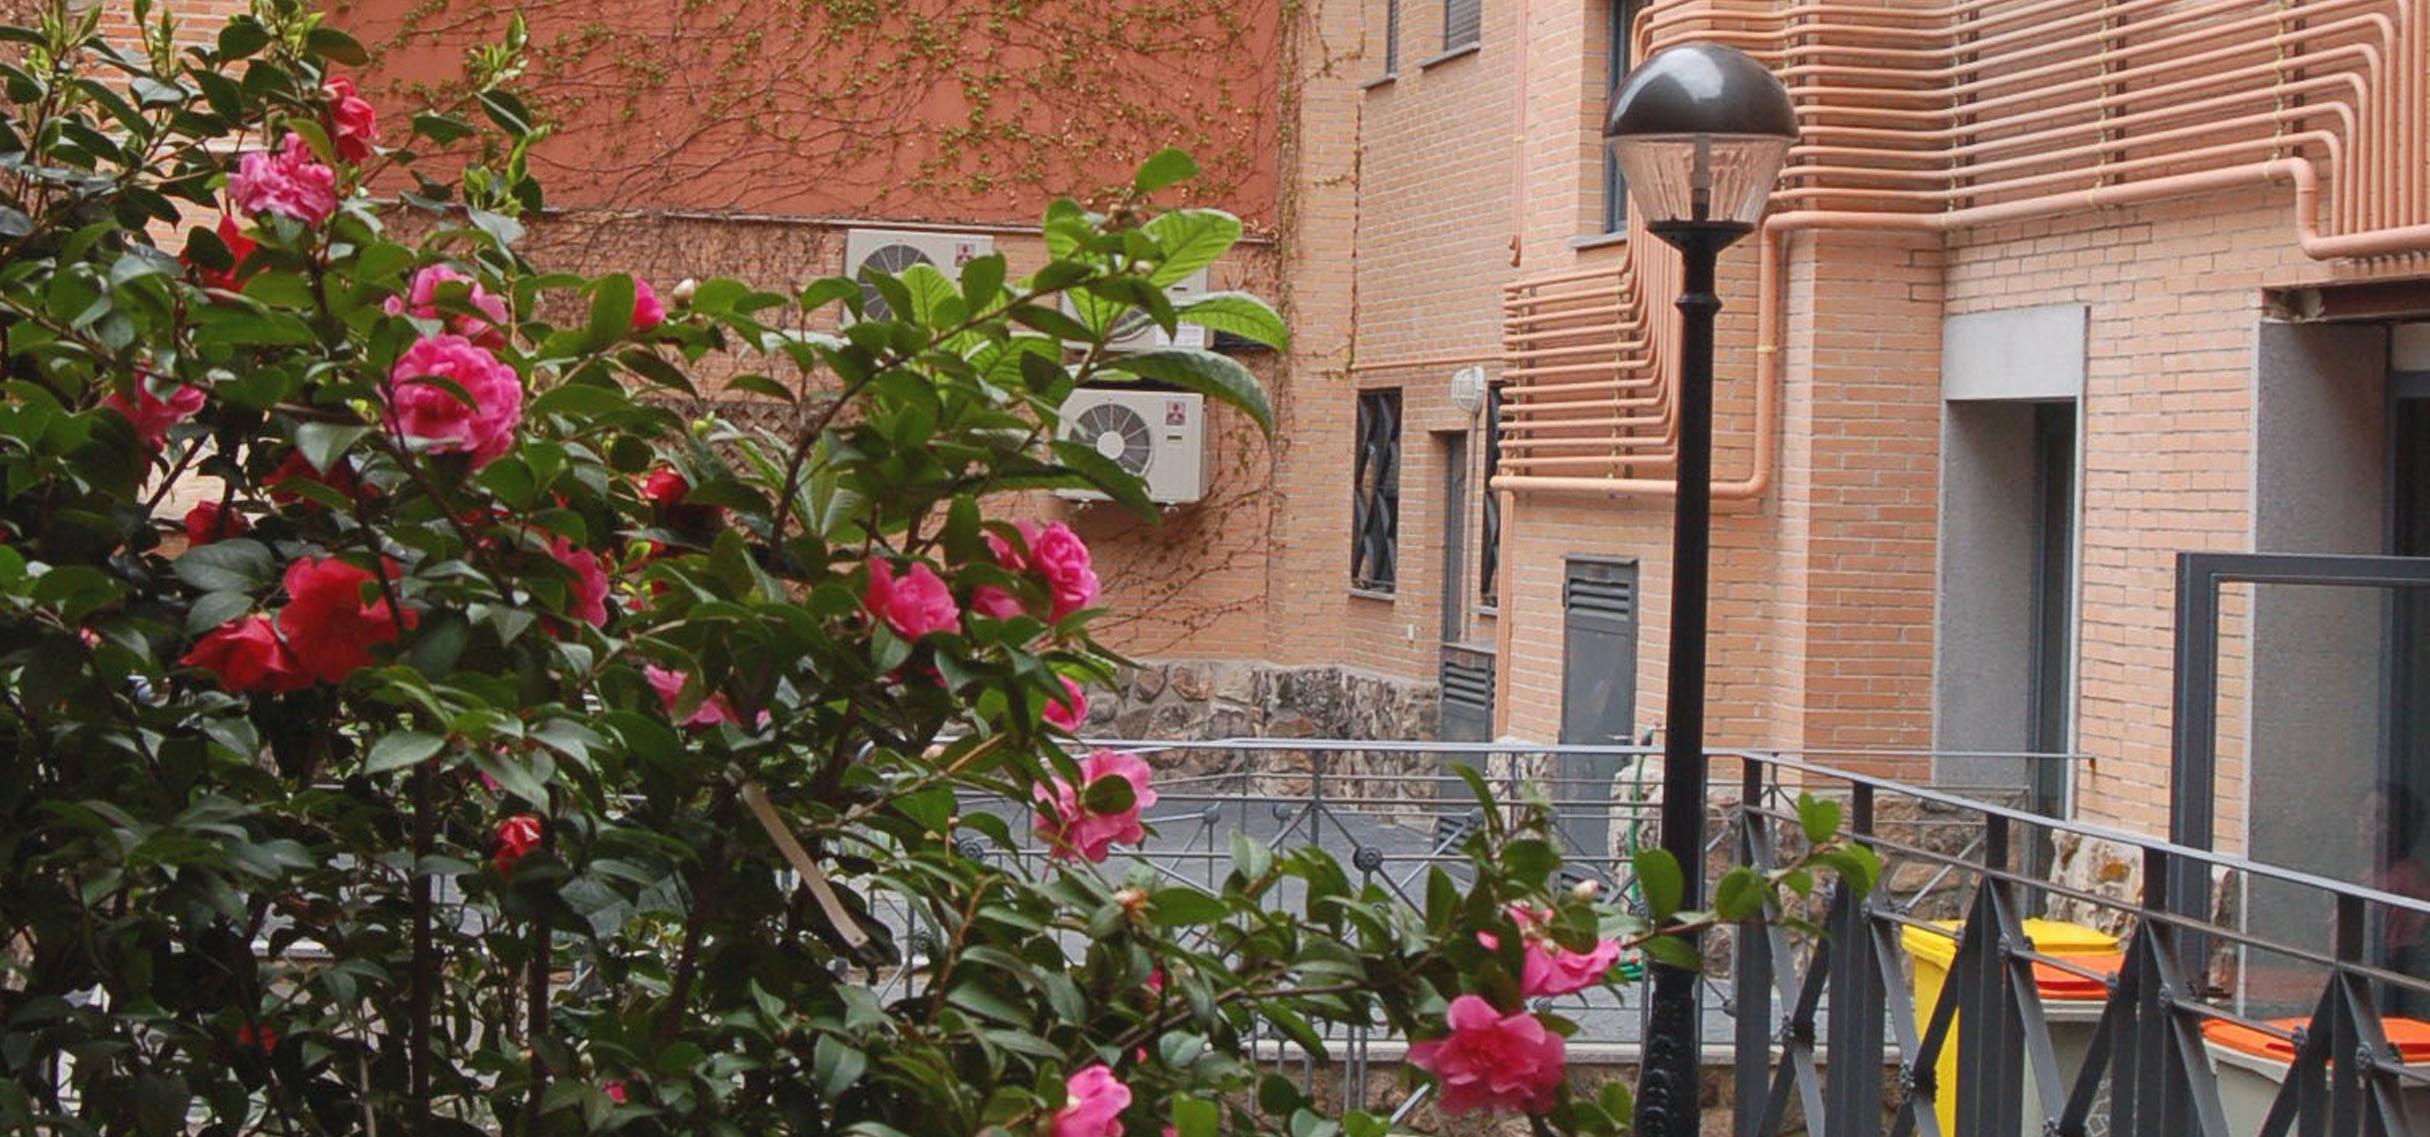 Apartamentos econ micos en alquiler en madrid 1 for Alquiler apartamentos sevilla espana